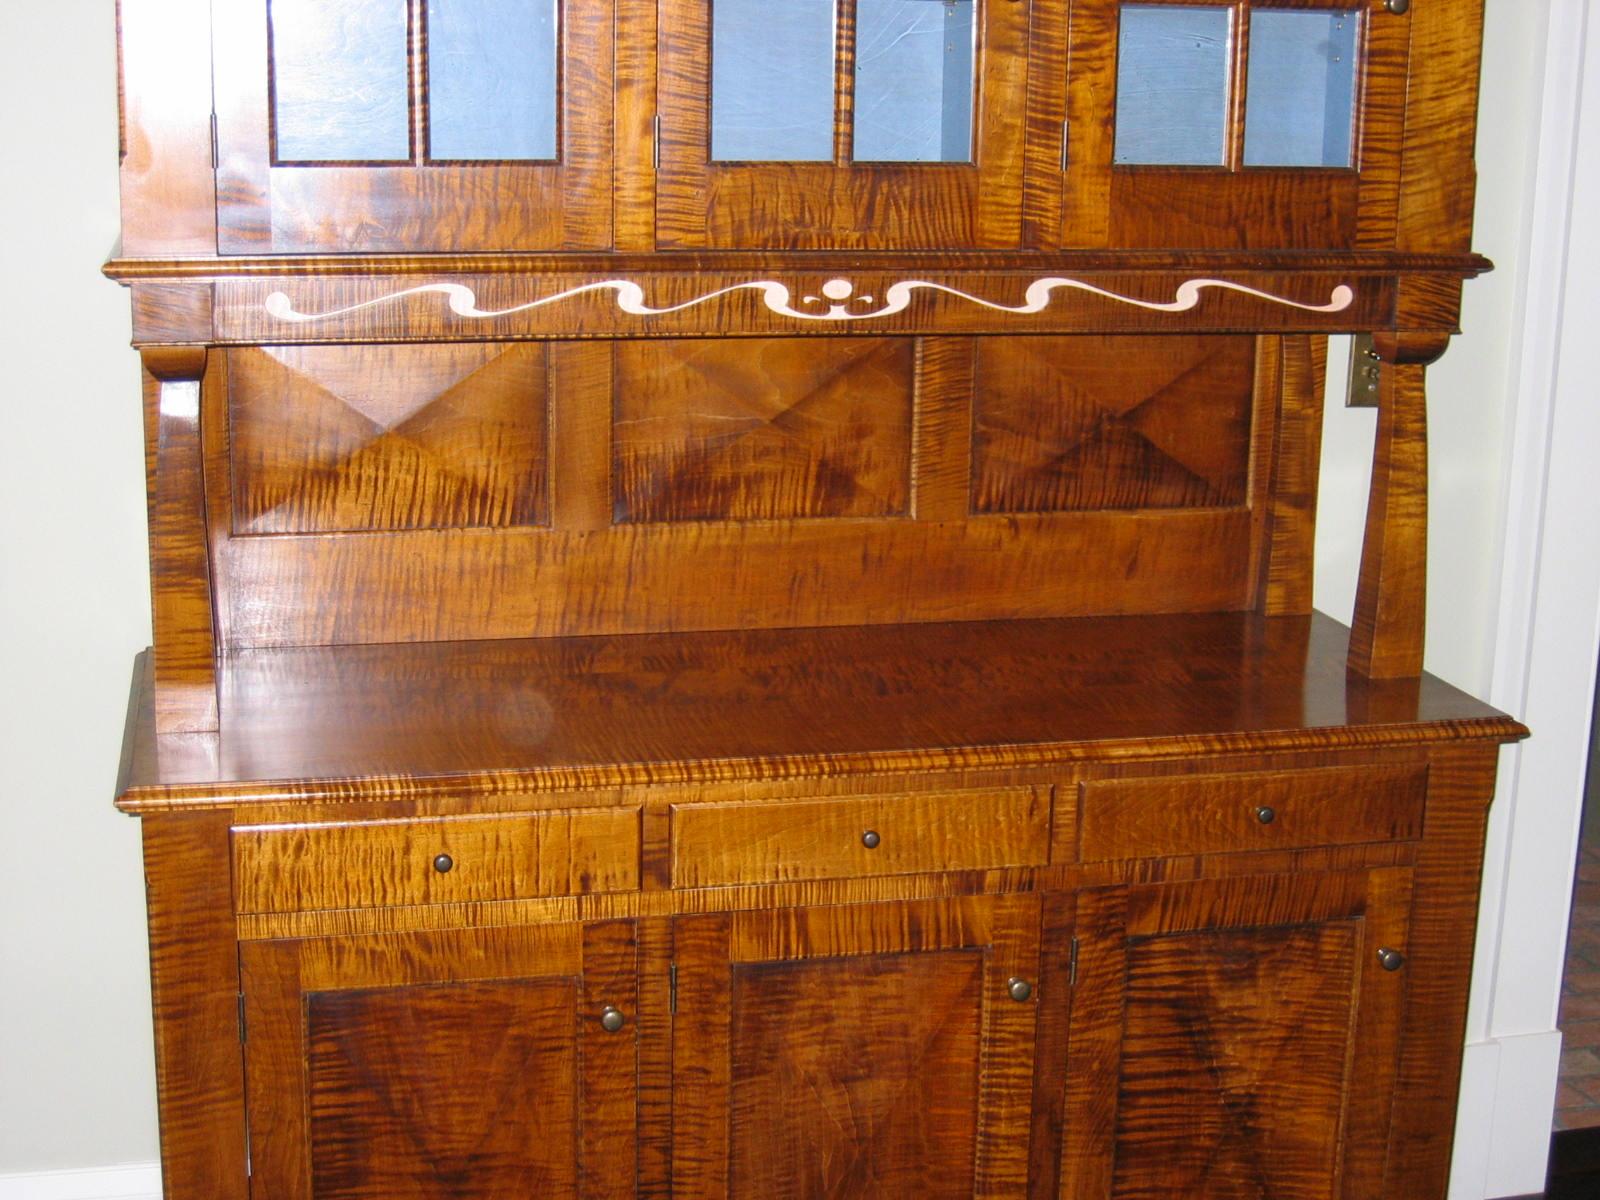 sideboard_kitchen_maple.jpg